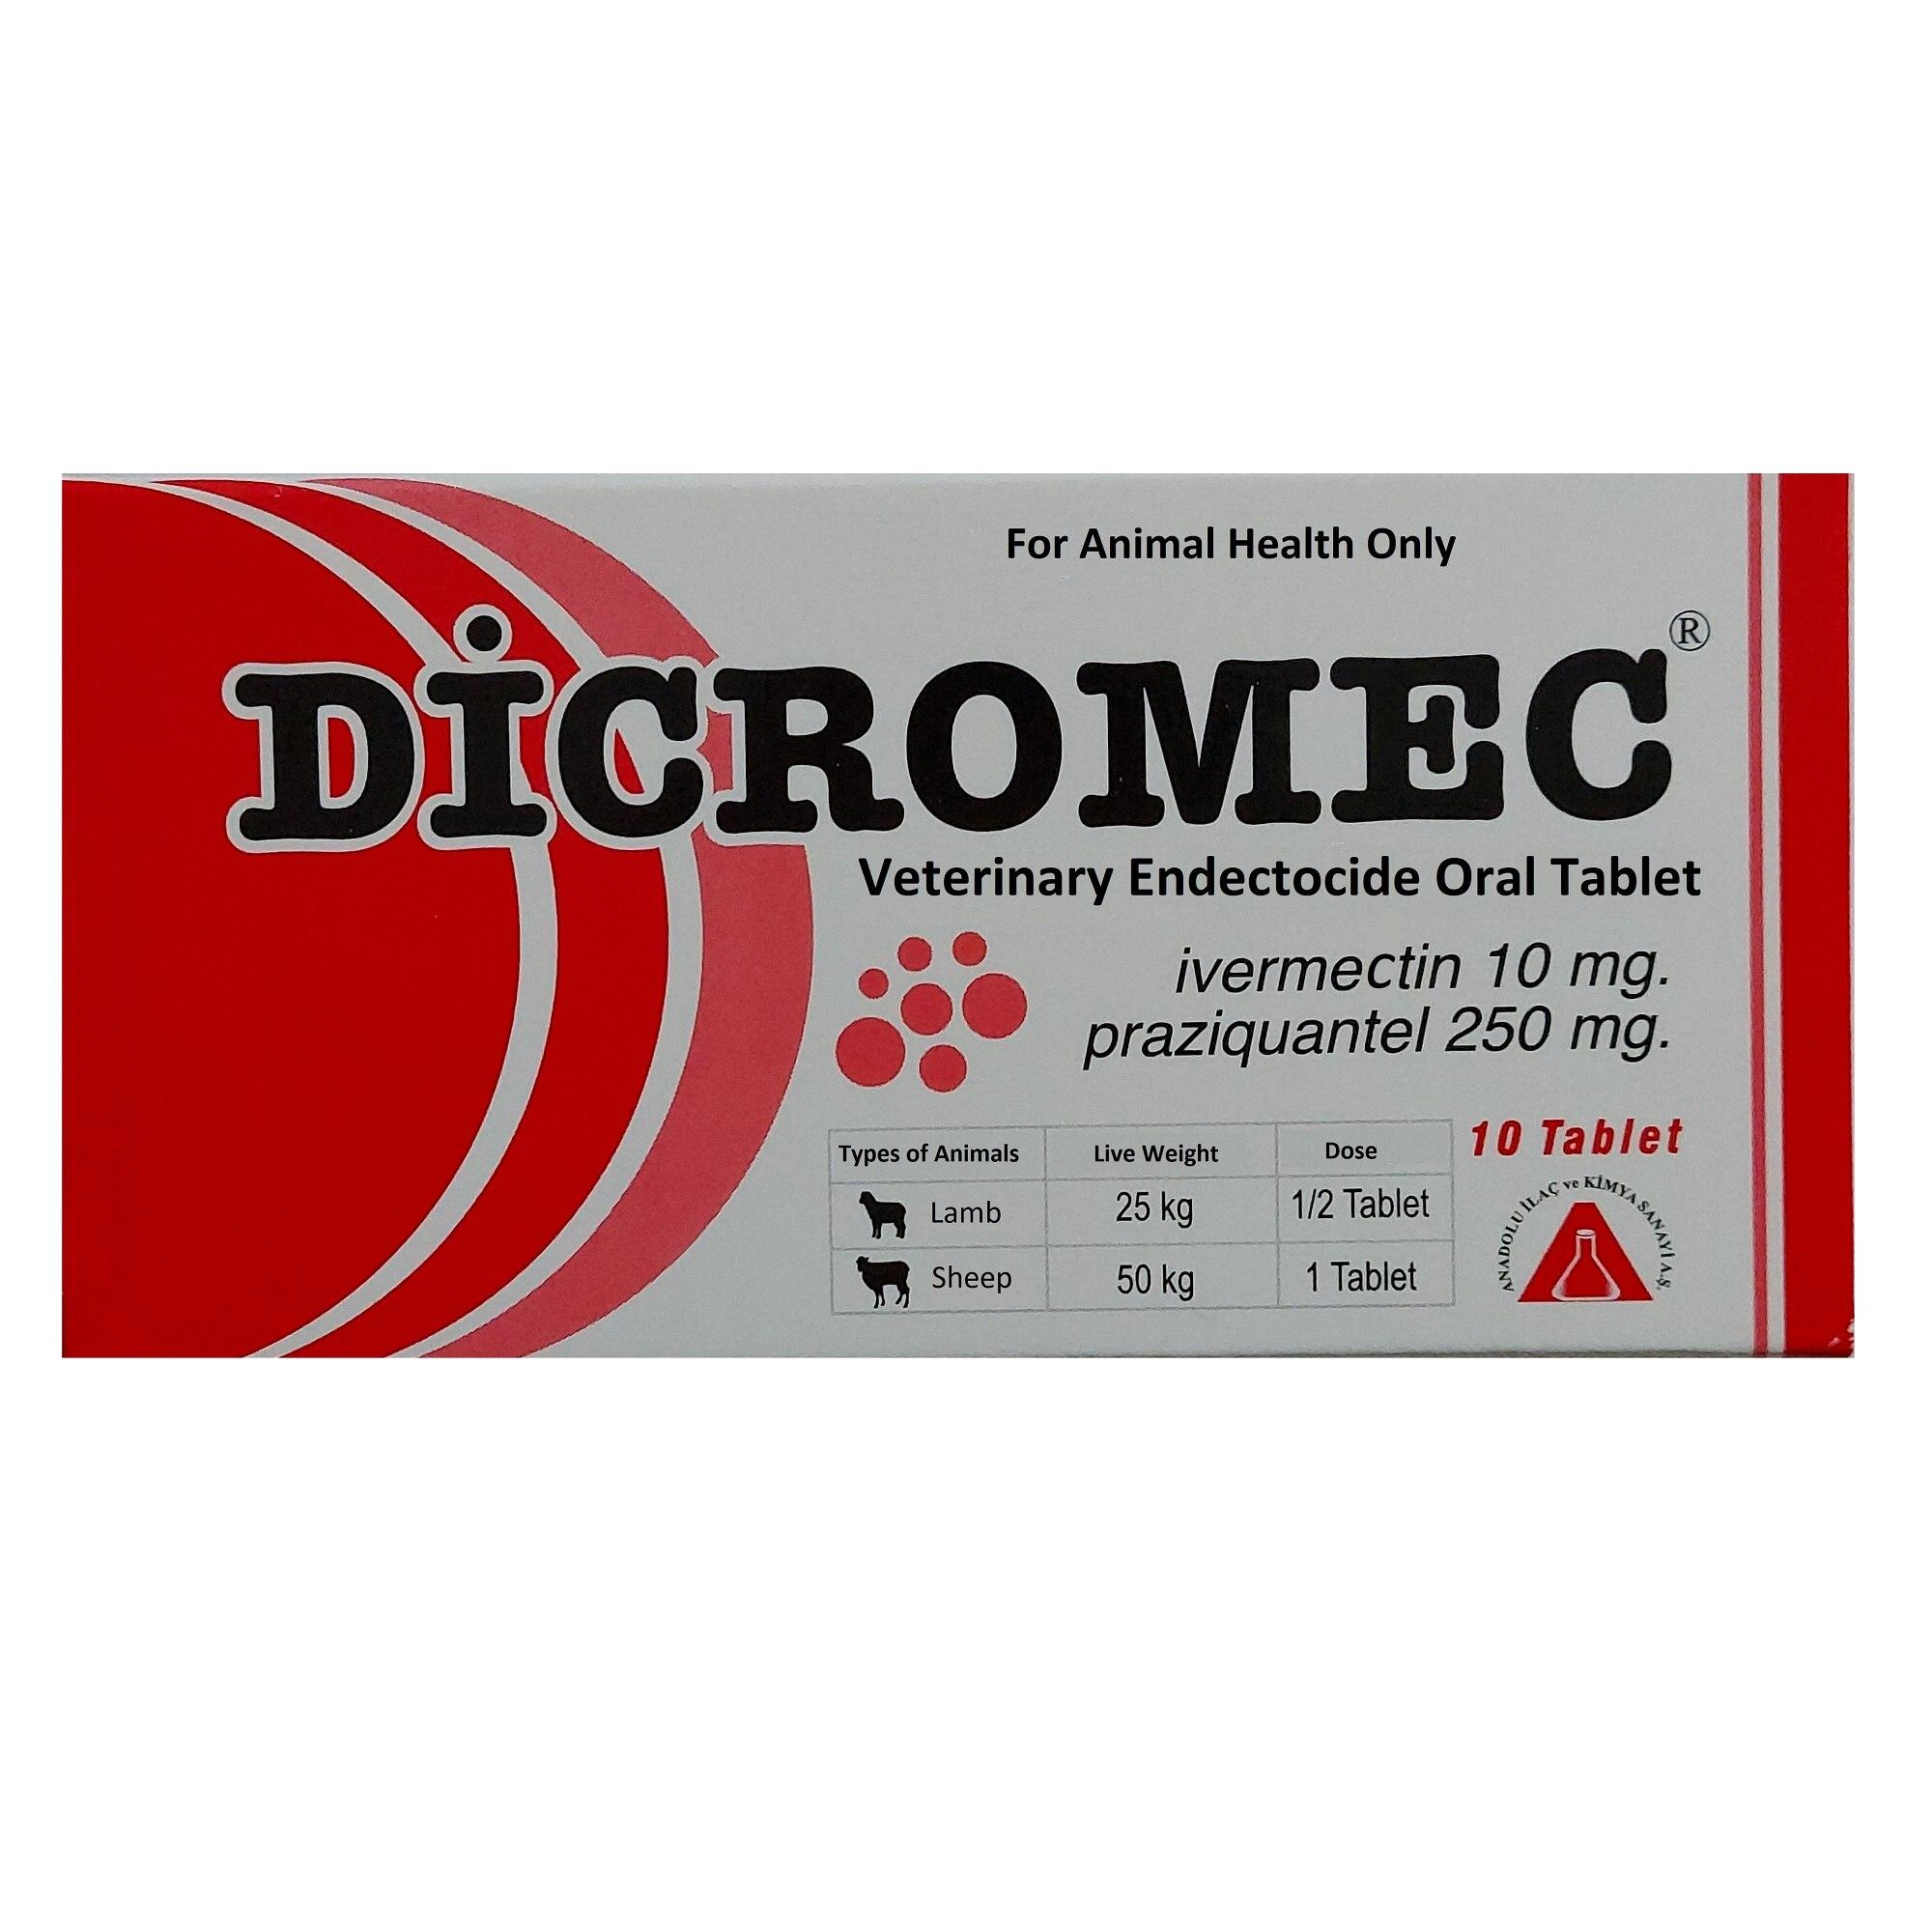 Dicromec l Animal Anti Parasite Lice Flea Tick Scabies Ivermectin Praziquantel l Sheep Lamb Dog l Endoctocyte Exoctocyte